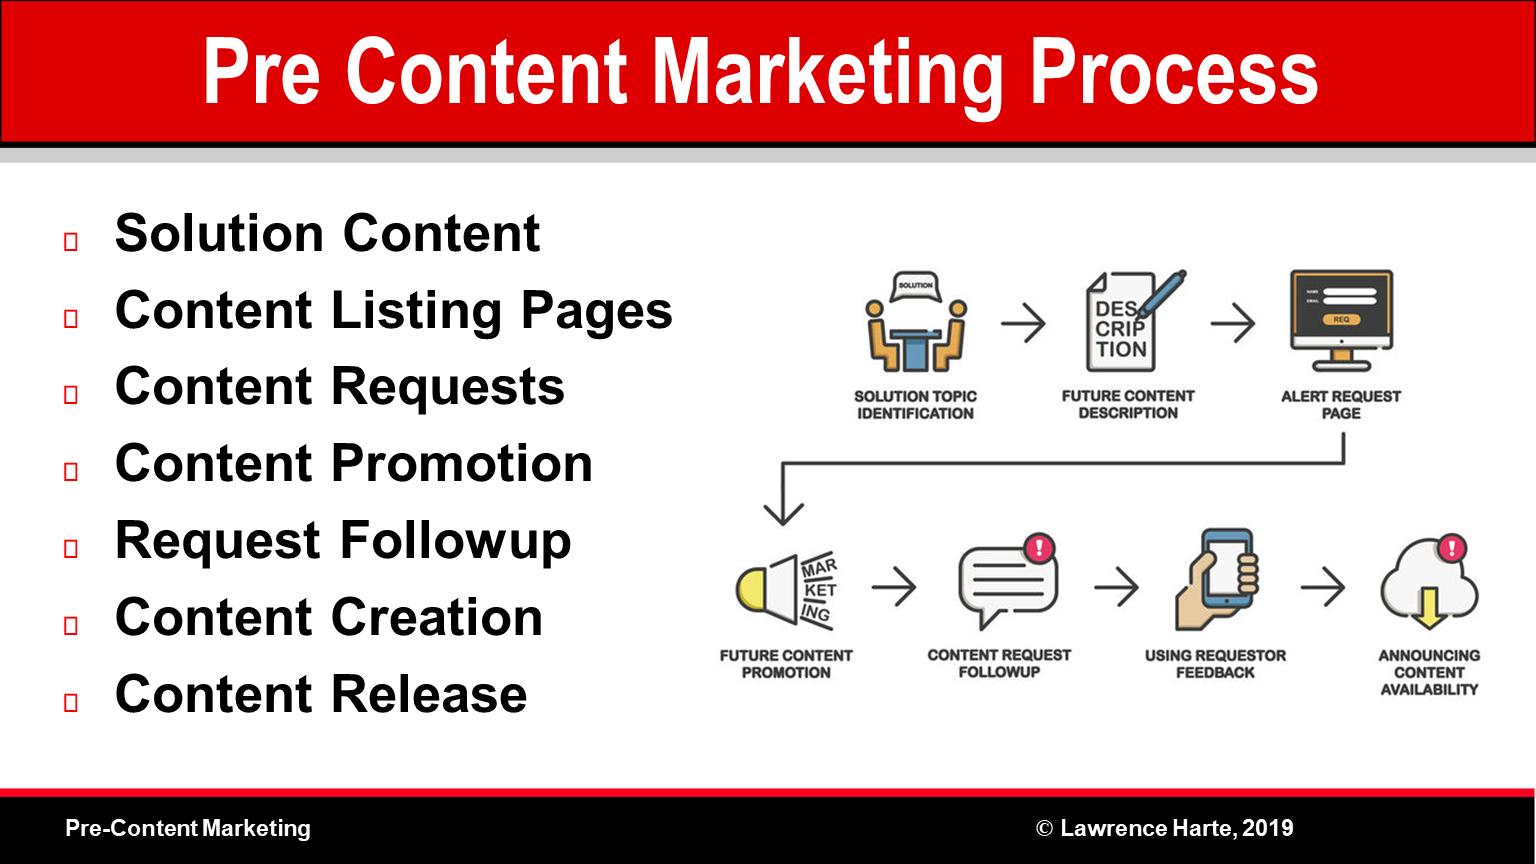 Pre-Content Marketing Process